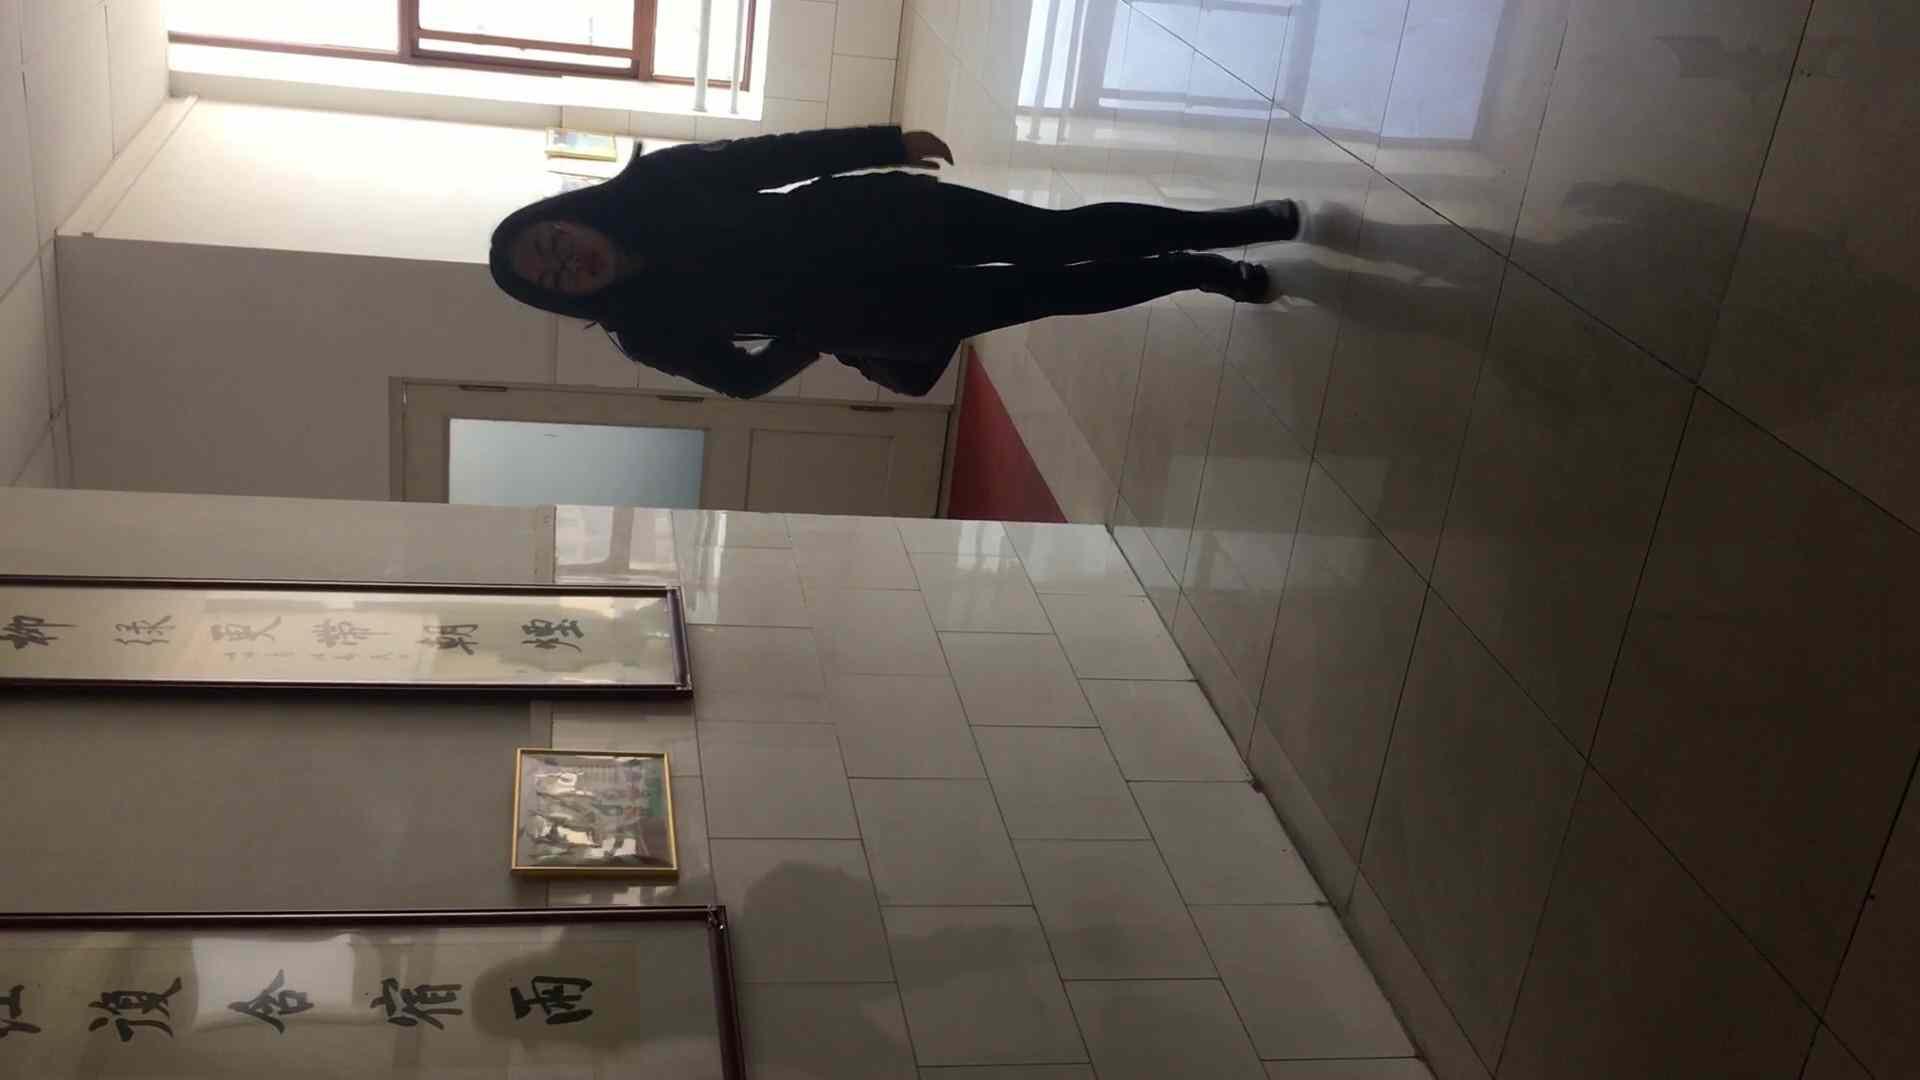 芸術大学ガチ潜入盗撮 JD盗撮 美女の洗面所の秘密 Vol.90 洗面所着替え | 盗撮エロすぎ  44連発 27